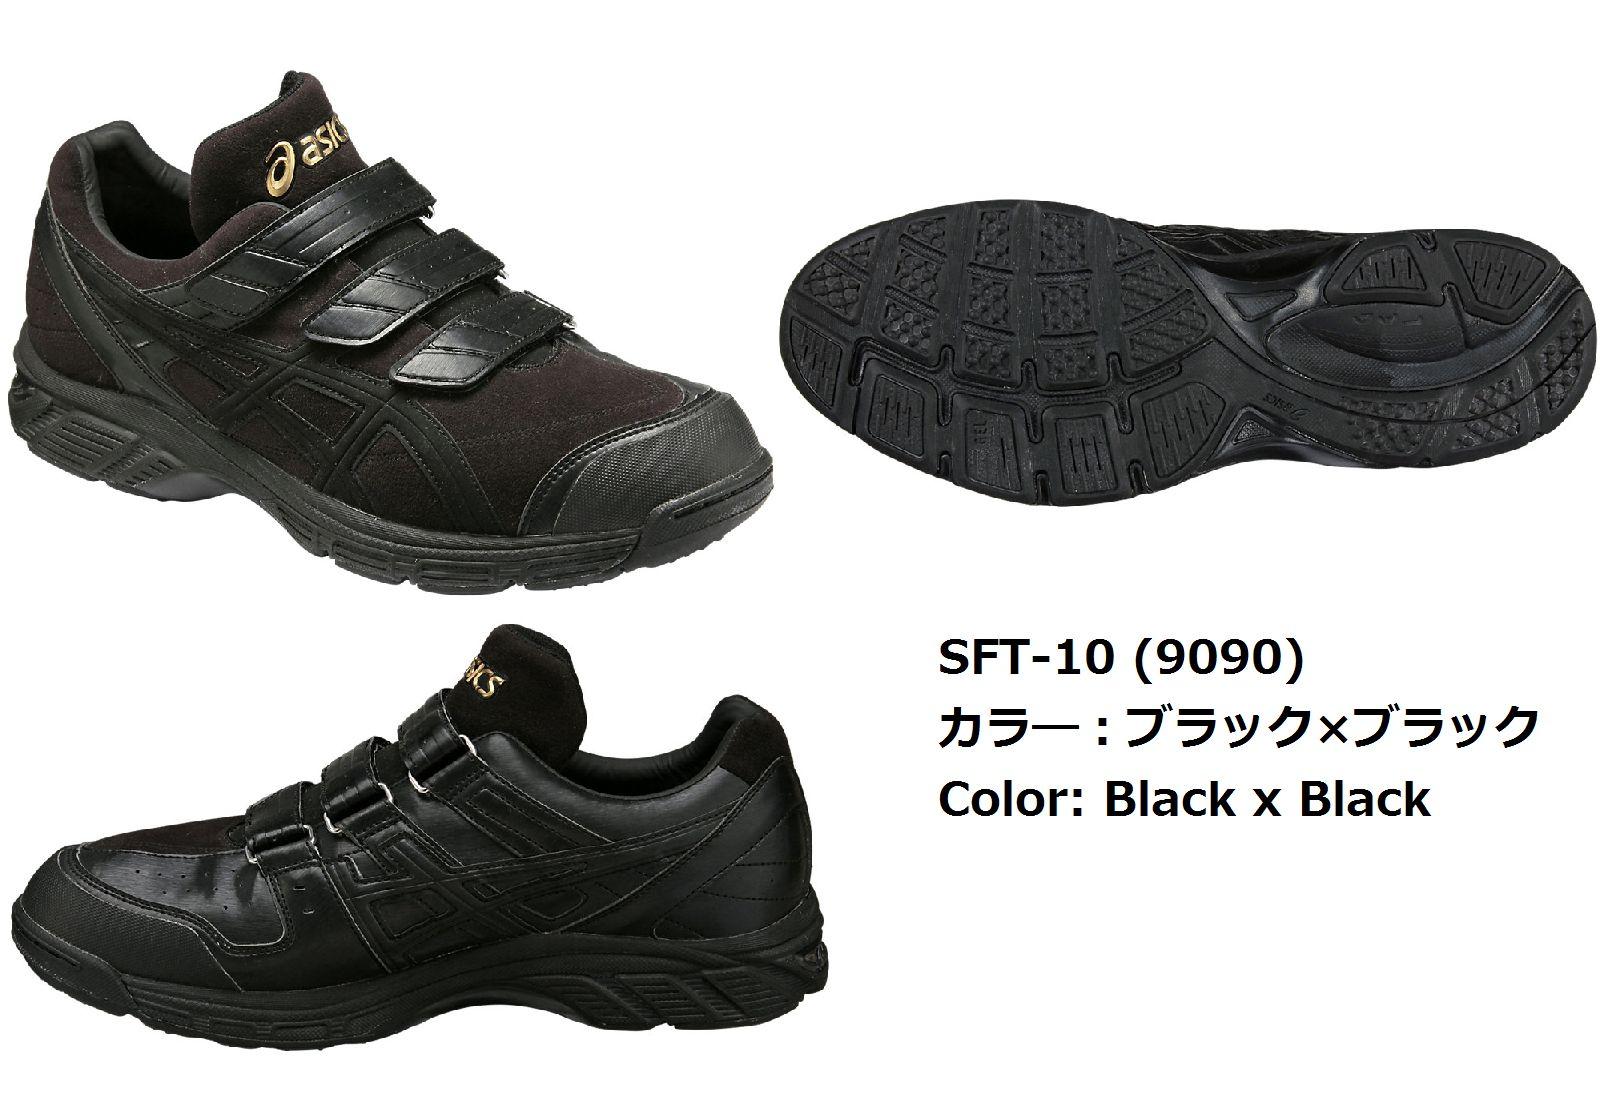 【ASICS GOLDSTAGE-アシックス ゴールドステージ-】野球 ベースボール ソフトボールトレーニングシューズ ランニングシューズ【BEET IMPACT ビートインパクト】【ブラック】(25.0~30.0cm)BASEBALL SOFTBALL Running Shoes, Training Shoes